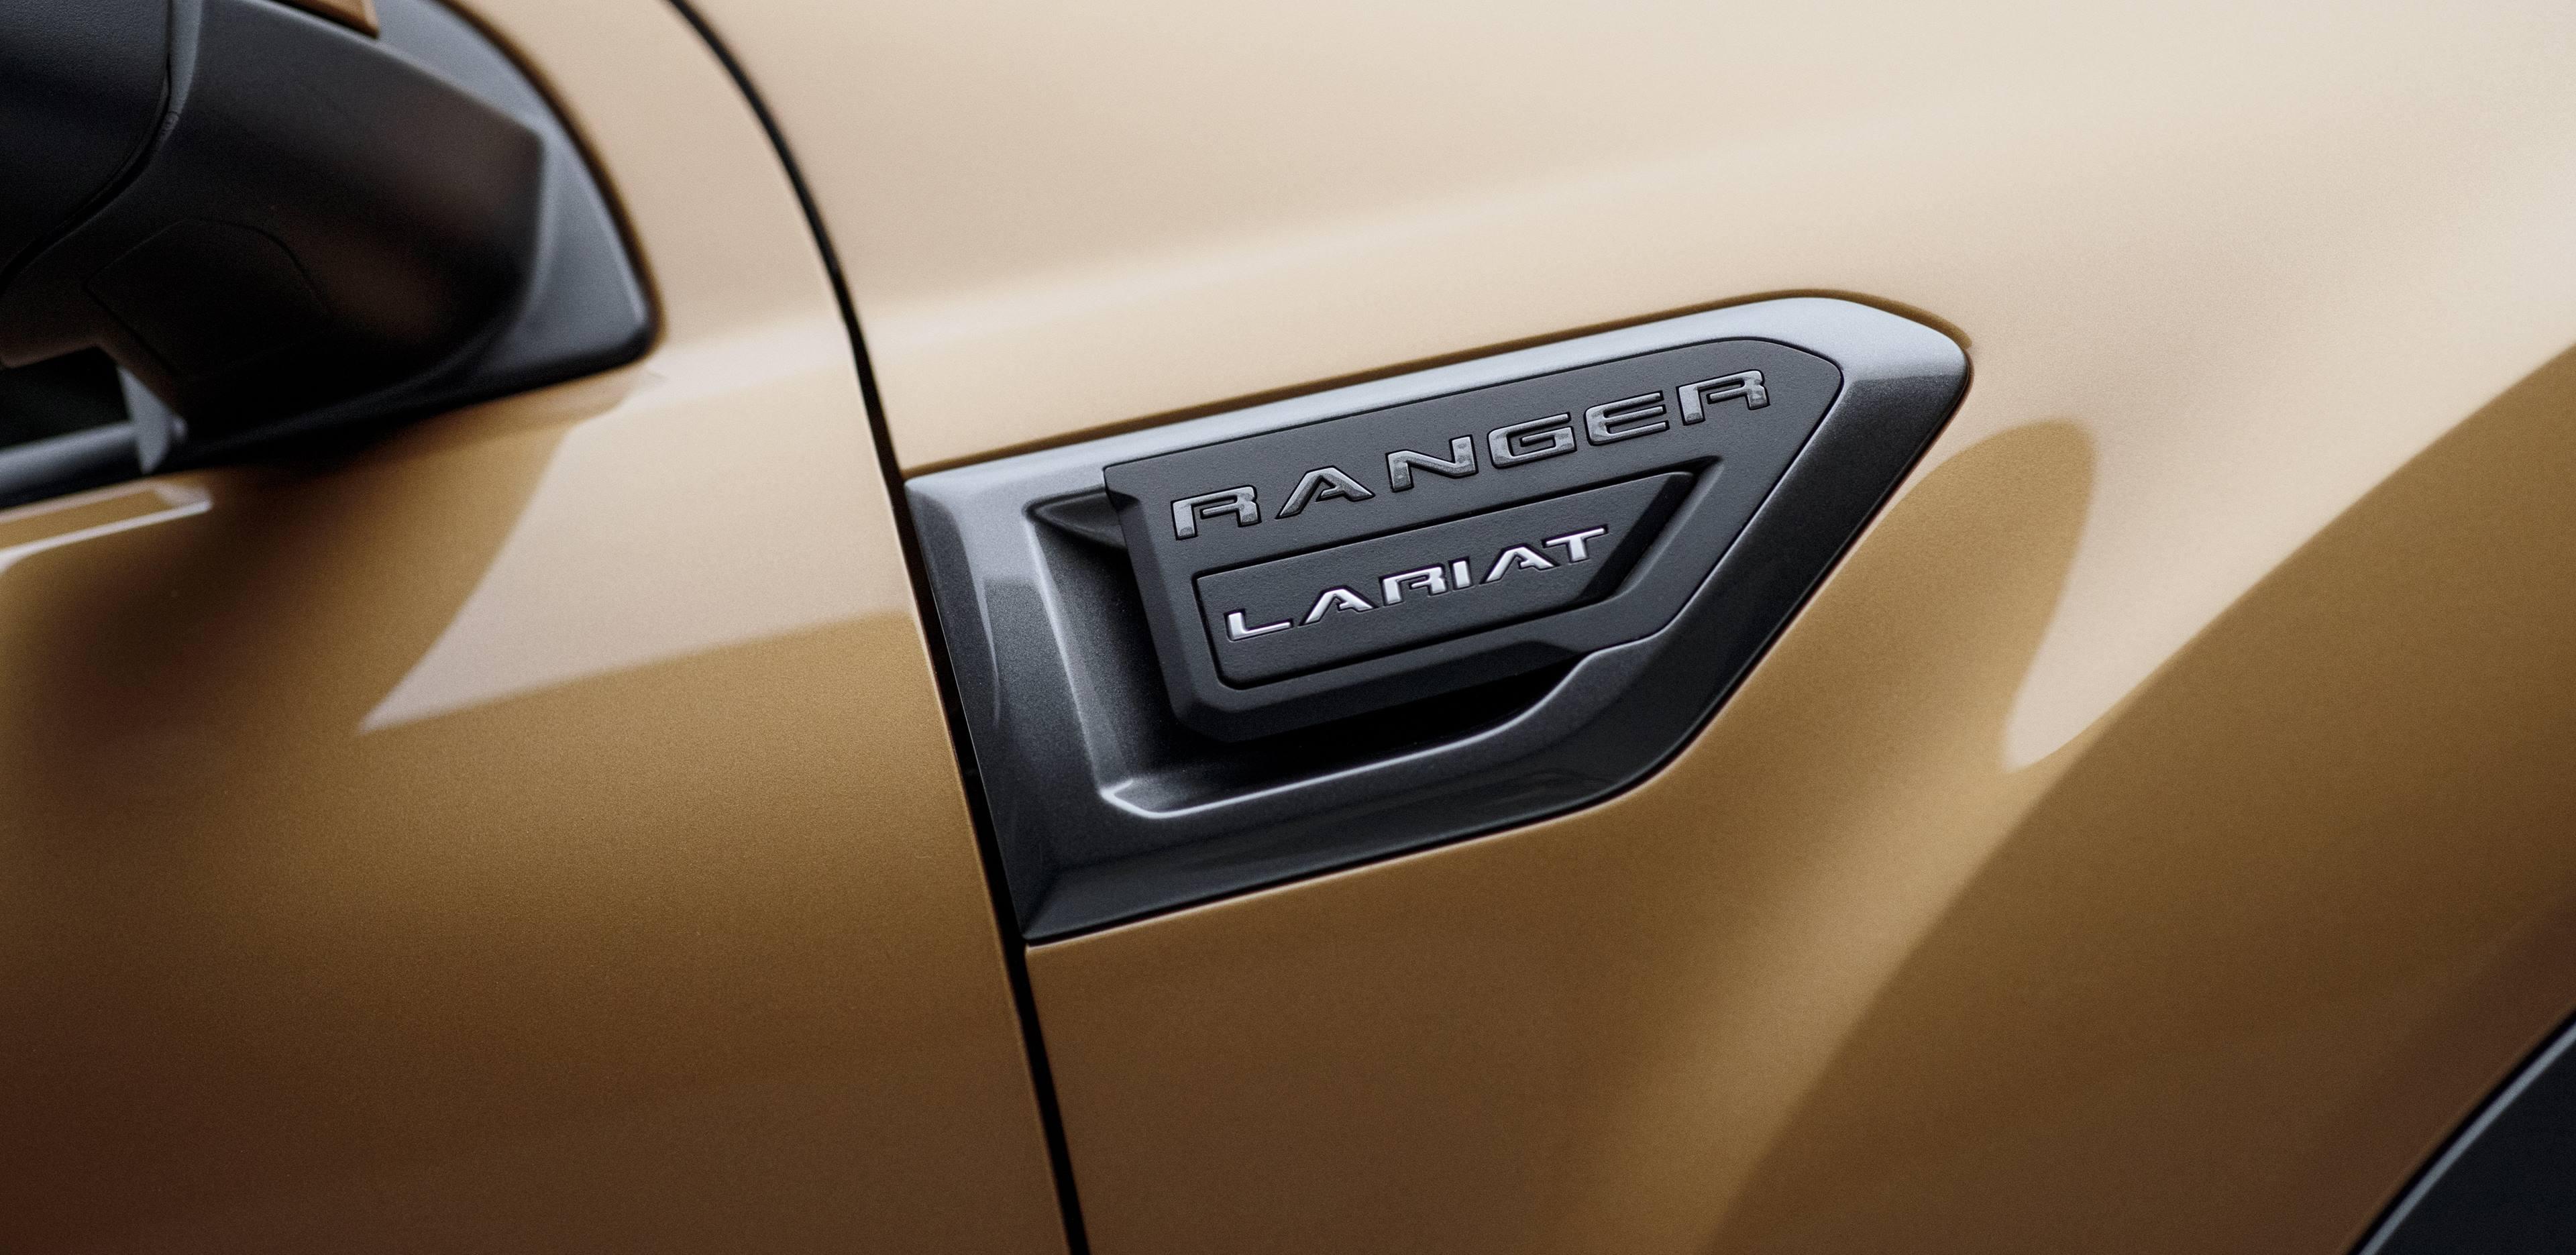 2019 Ford Ranger badge detail